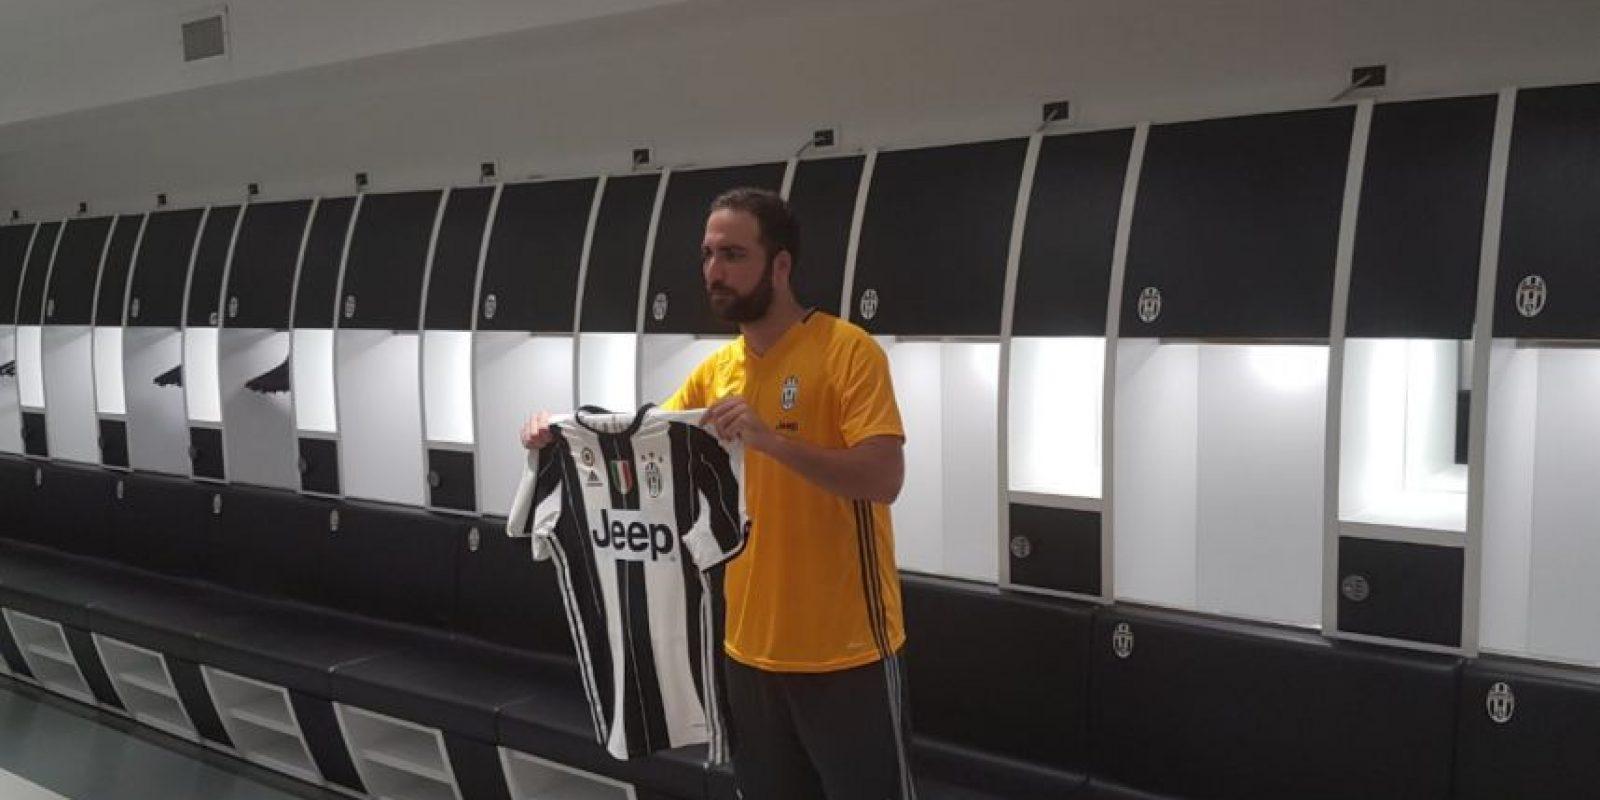 Su llegada causó revuelo y también críticas Foto:Twitter Juventus